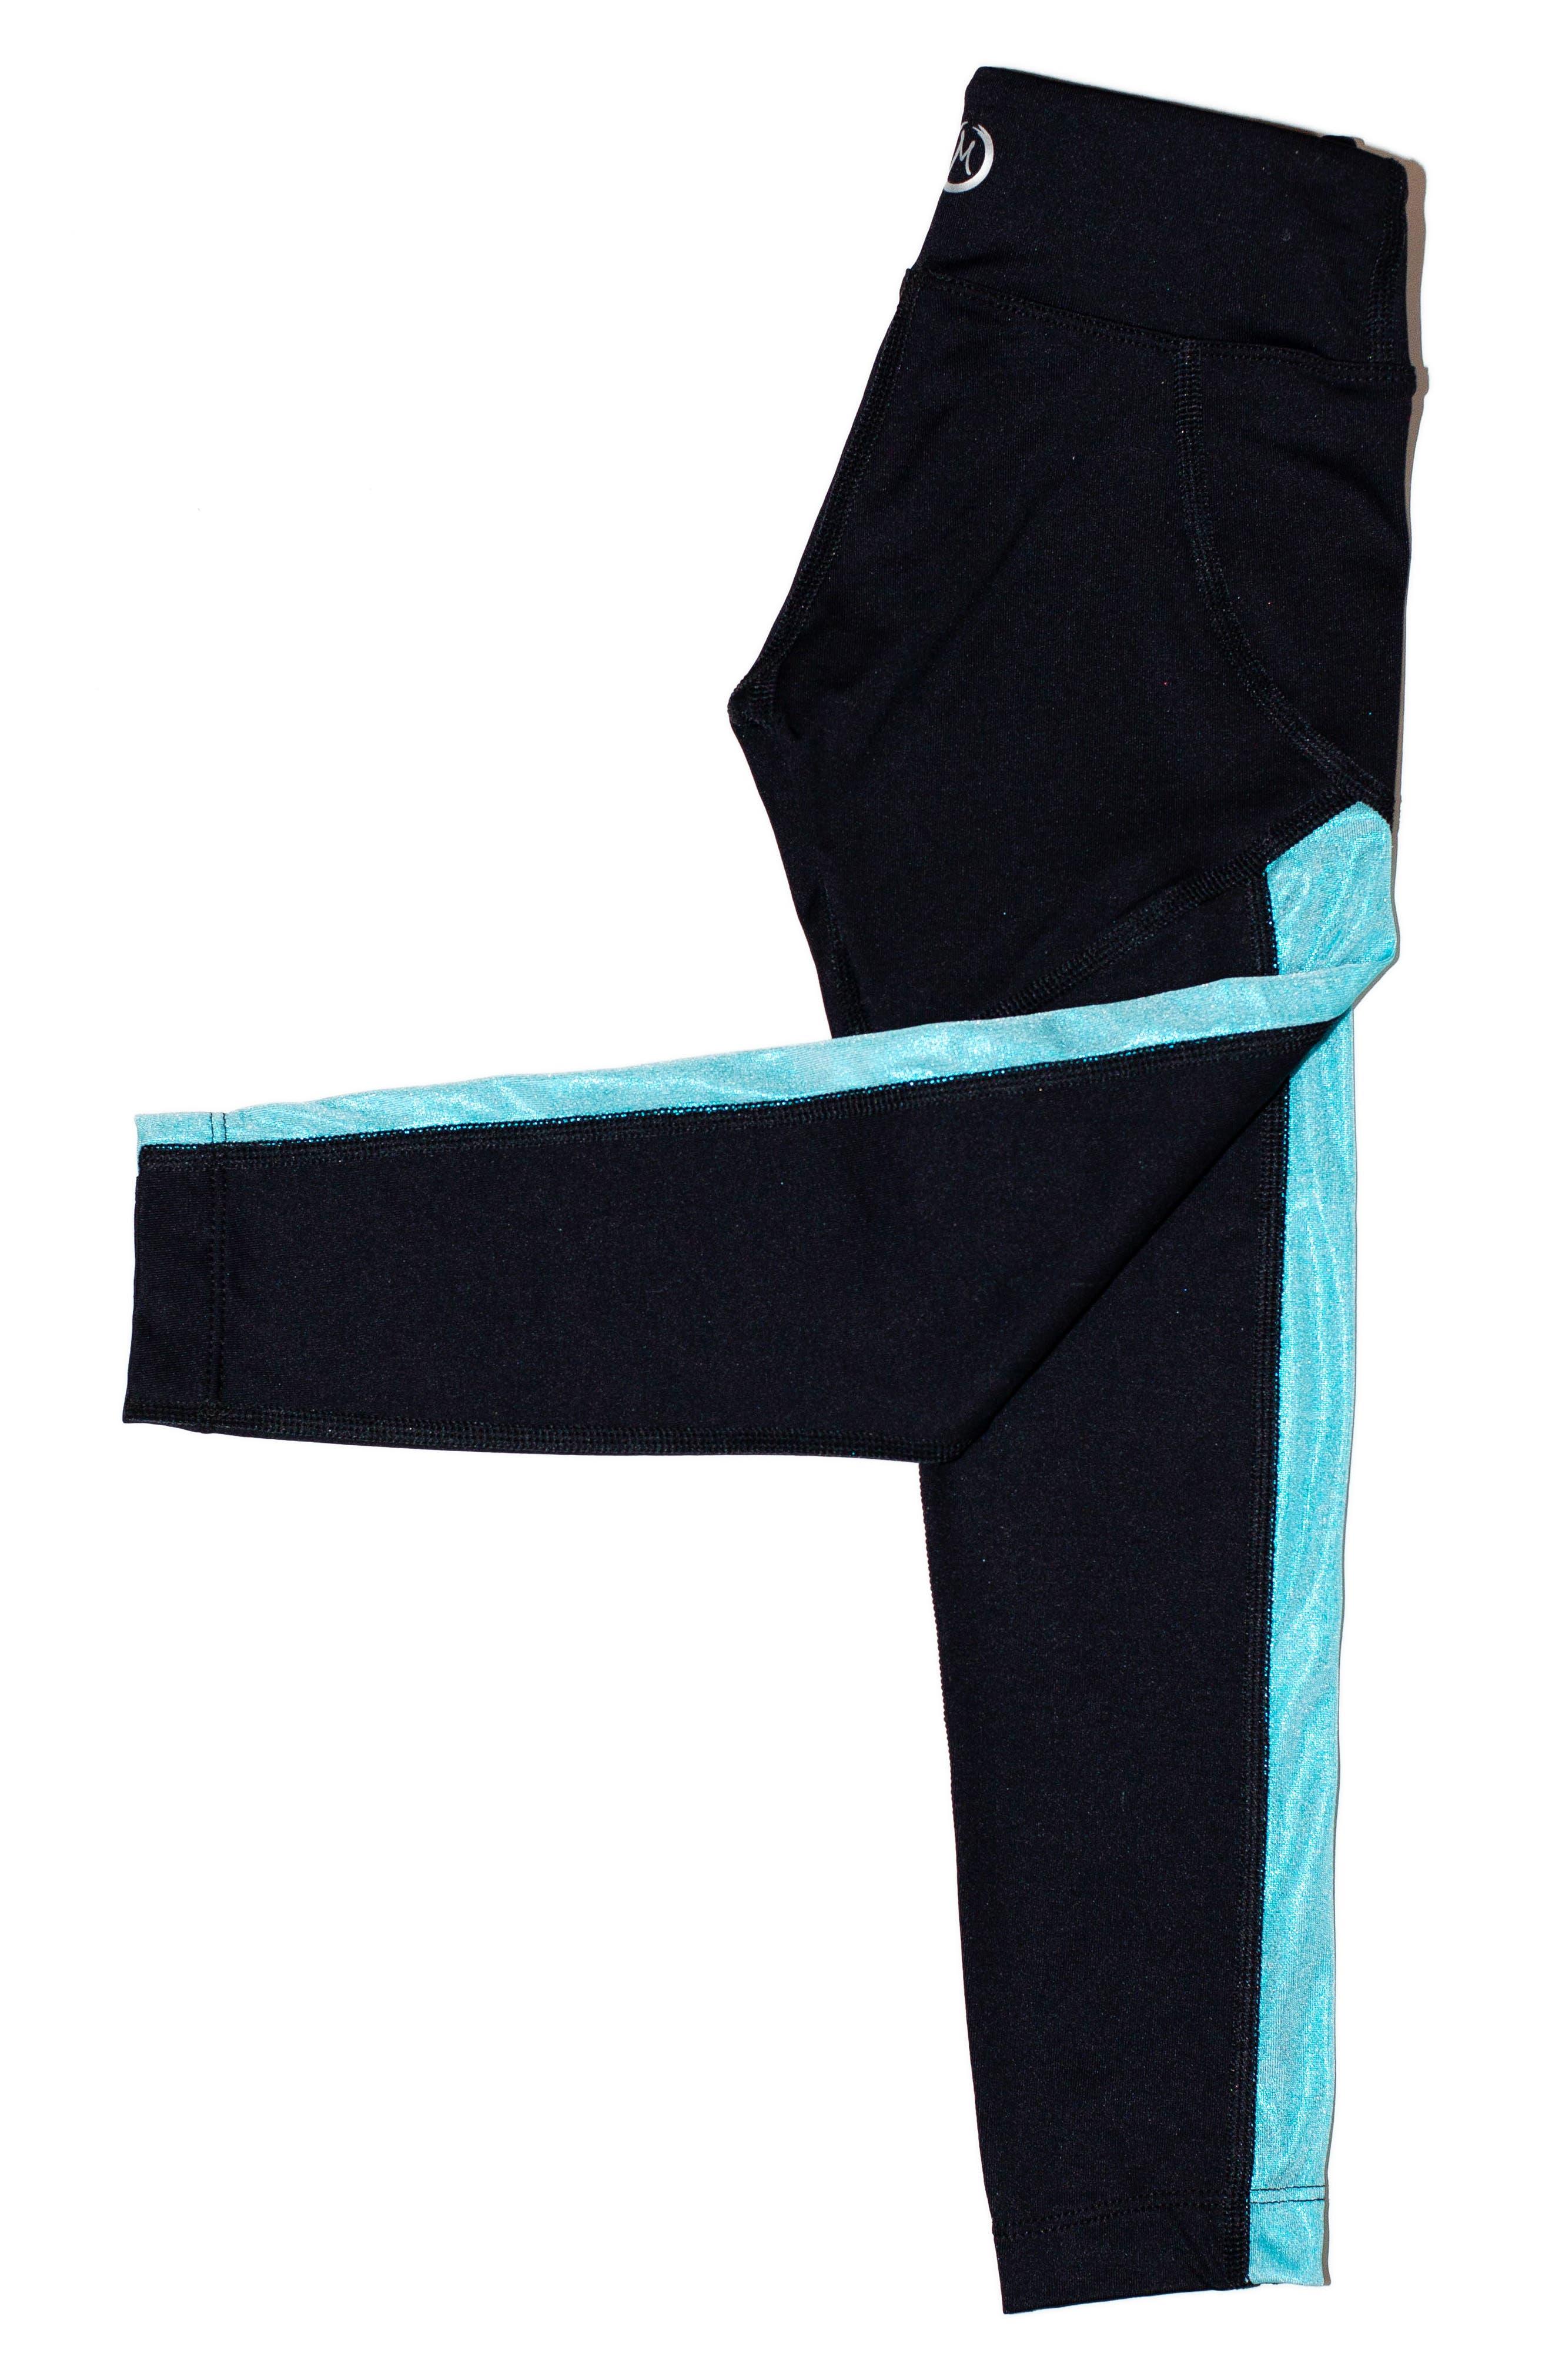 MIRA RAE,                             Zara Colorblock Leggings,                             Alternate thumbnail 2, color,                             001